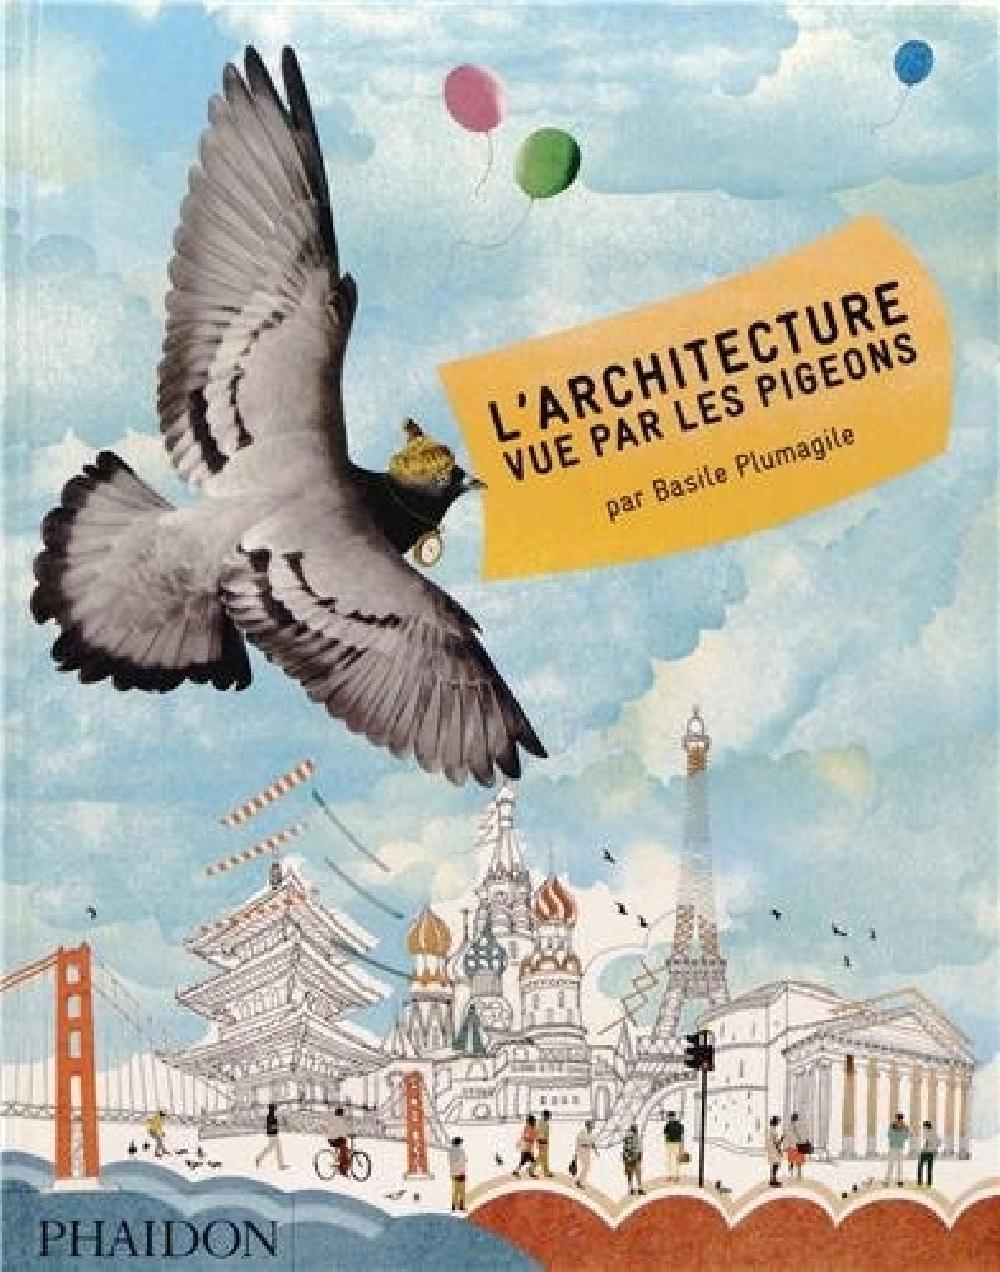 L'architecture vue par les pigeons